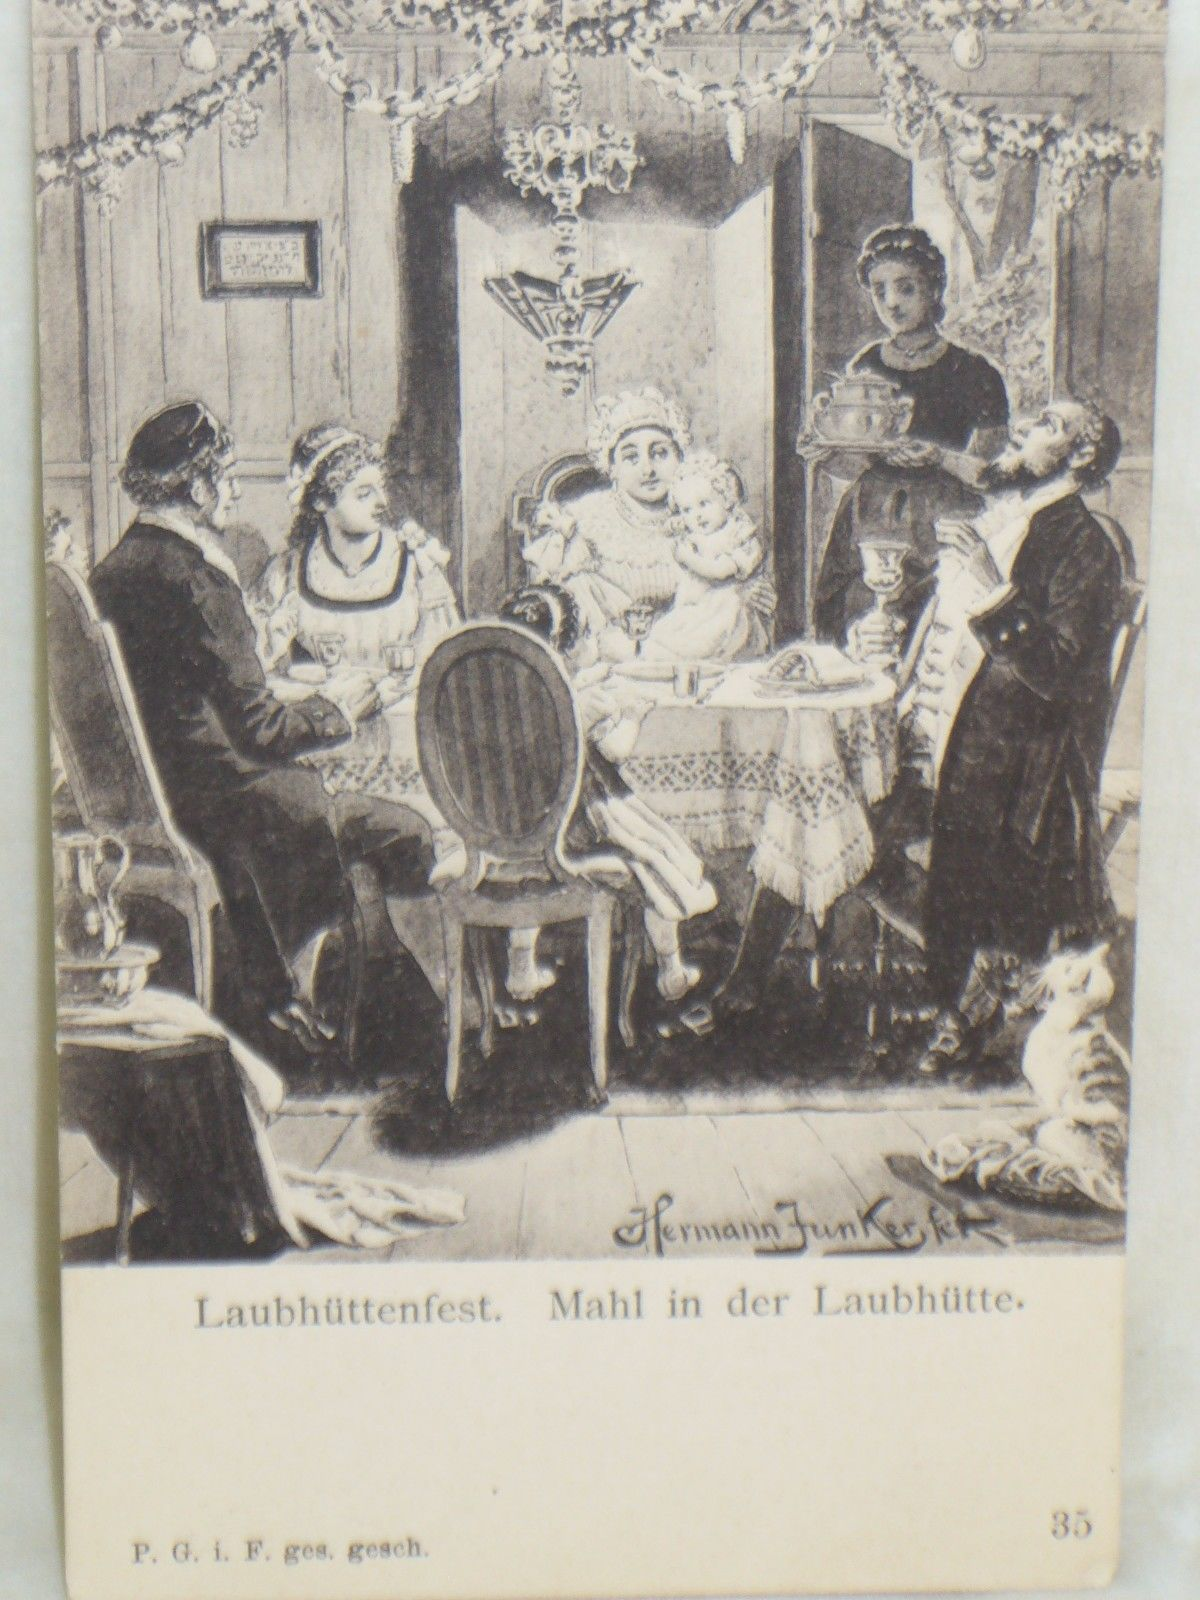 Laubhuttenfest.